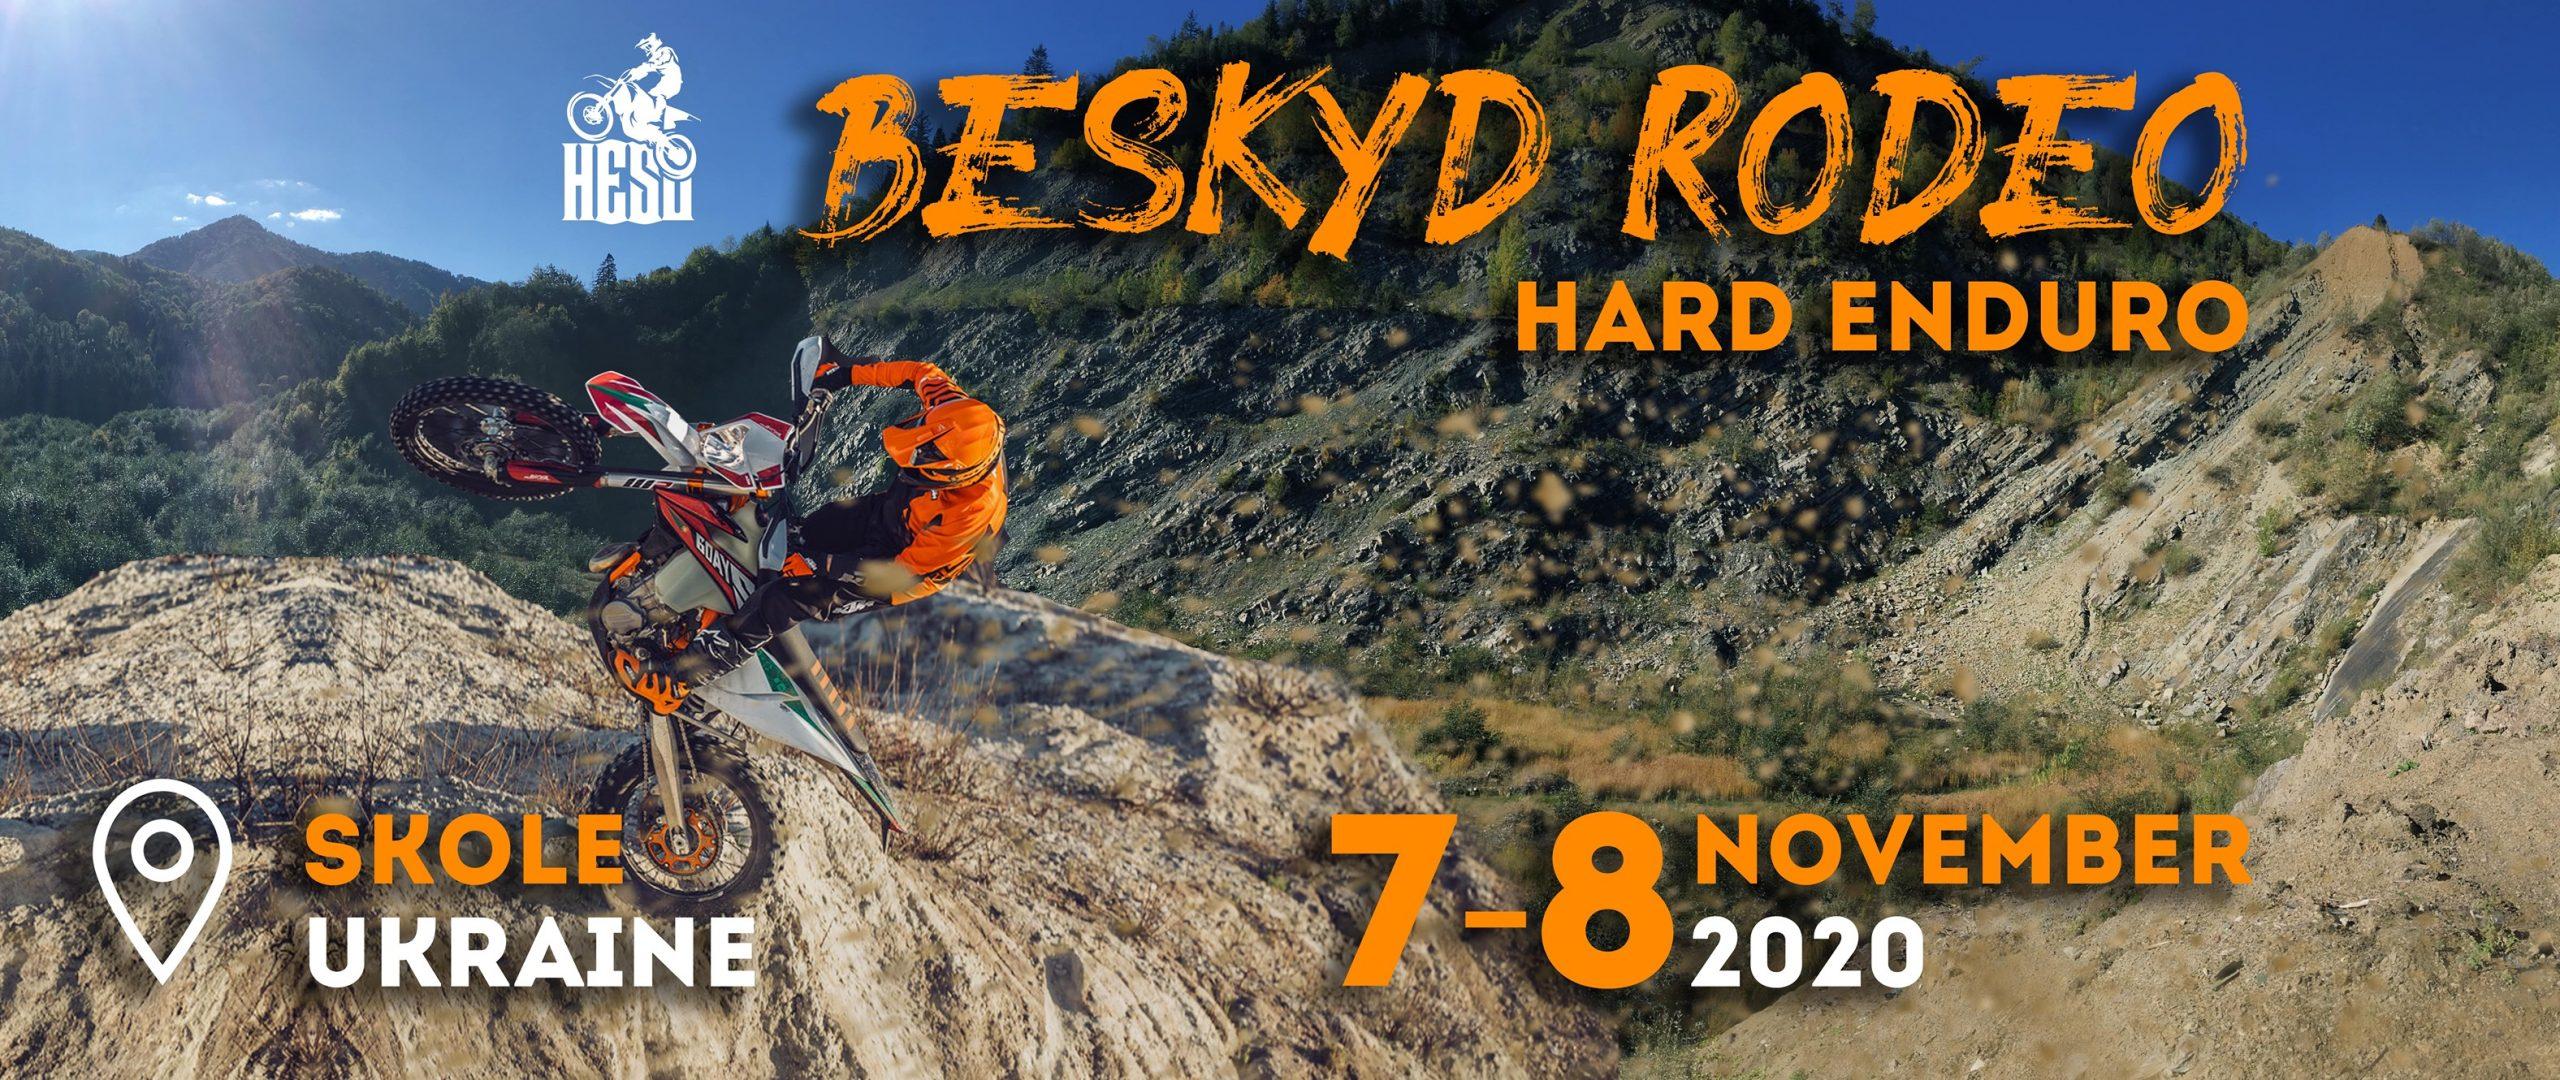 Beskyd Rodeo